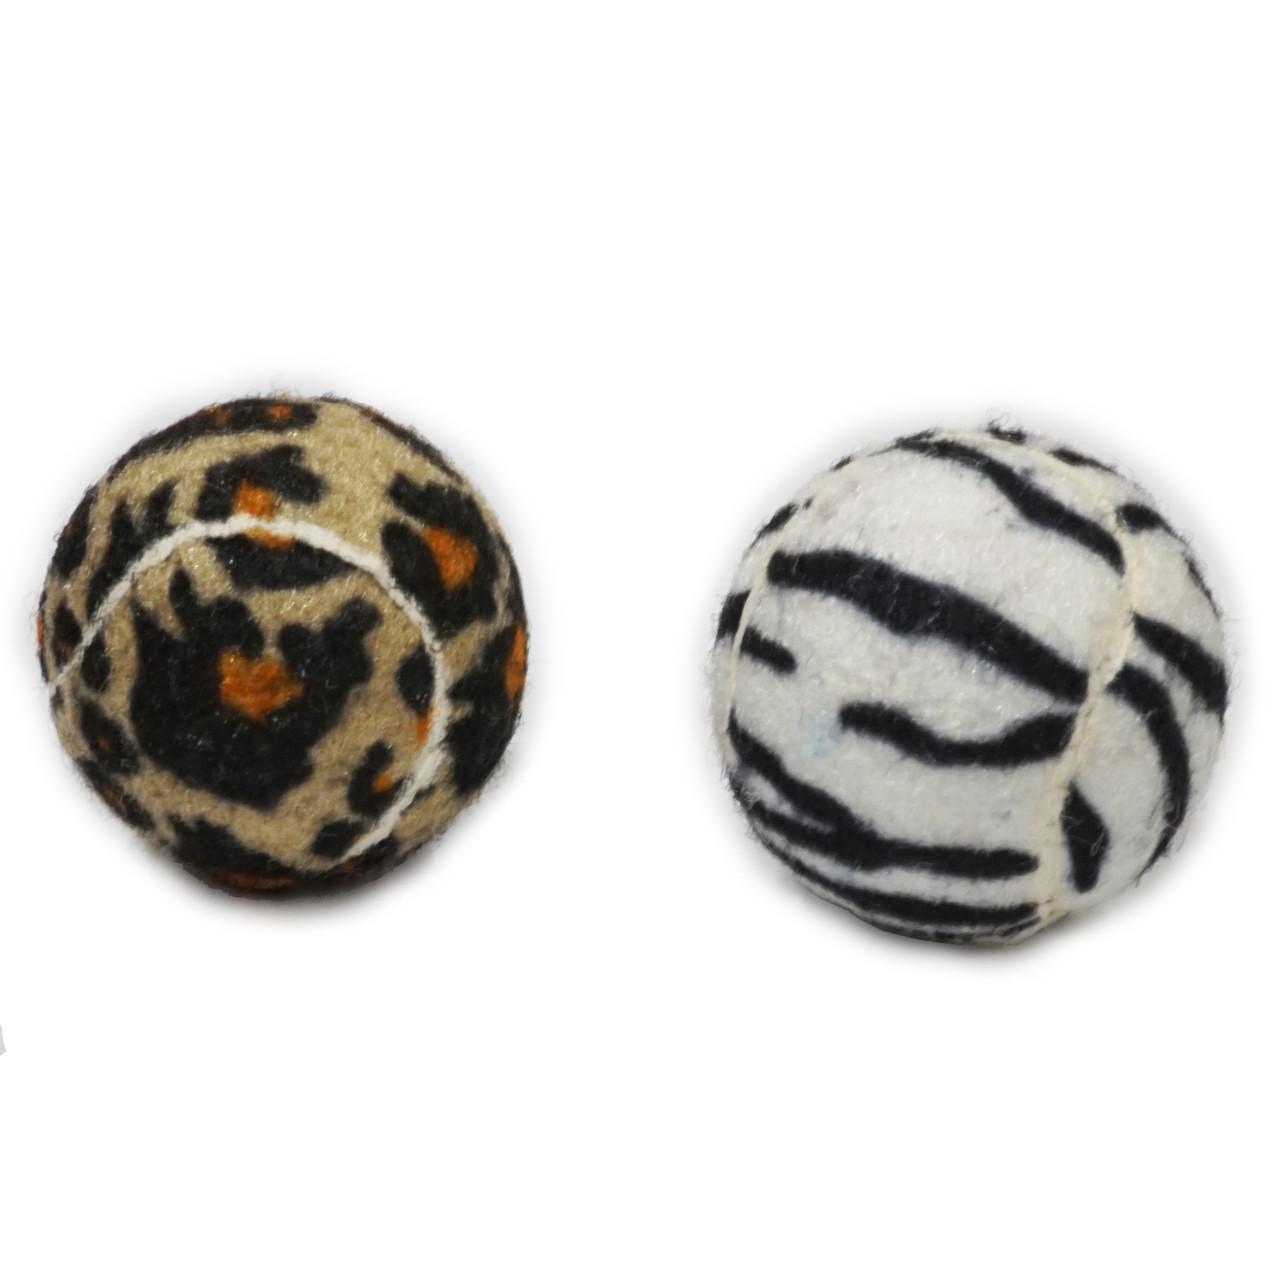 Petsport Catnip Jungle Balls Cat Toy